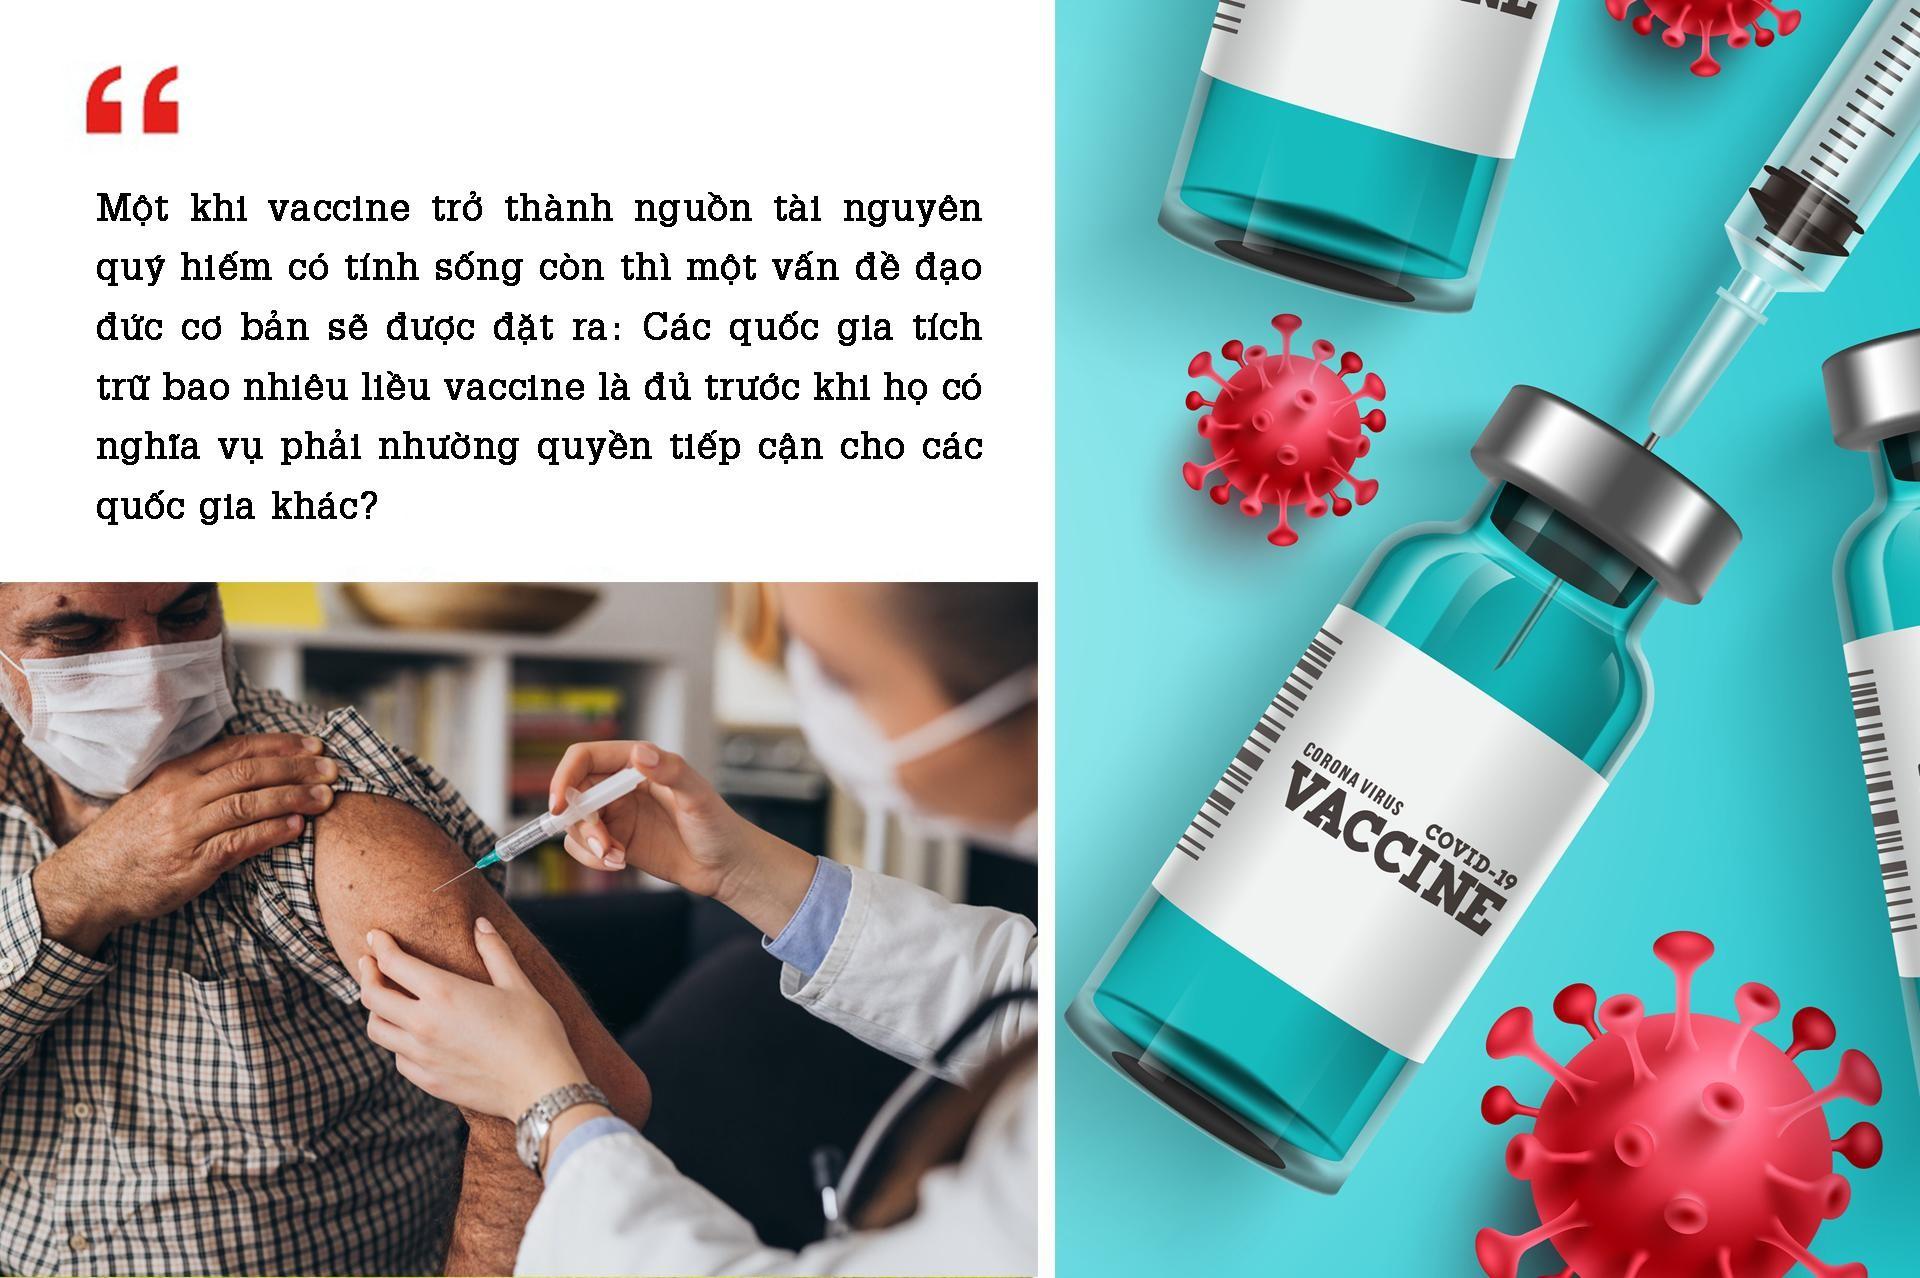 Vaccine COVID-19: Chia sẻ hay tích trữ? ảnh 2